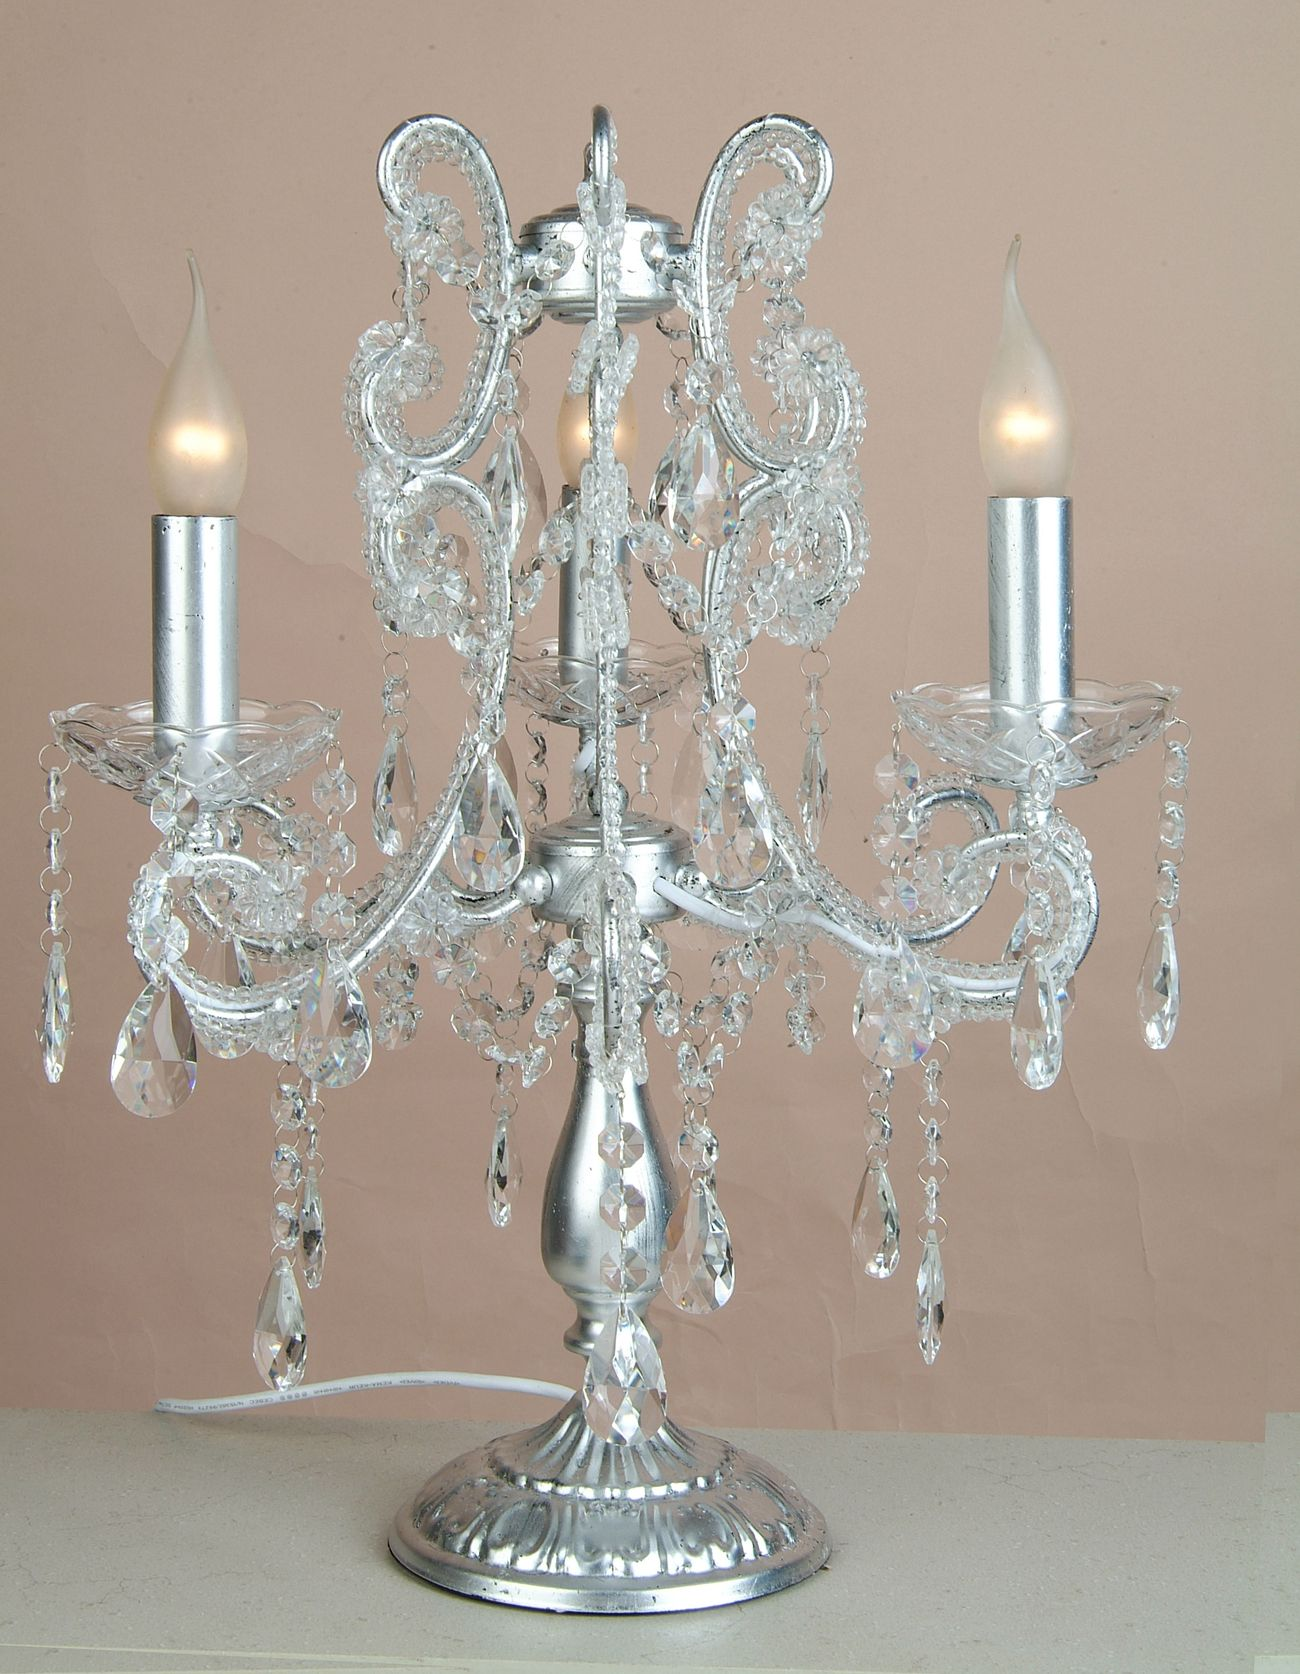 image silver 3 branch chandelier table lamp julianne 1003